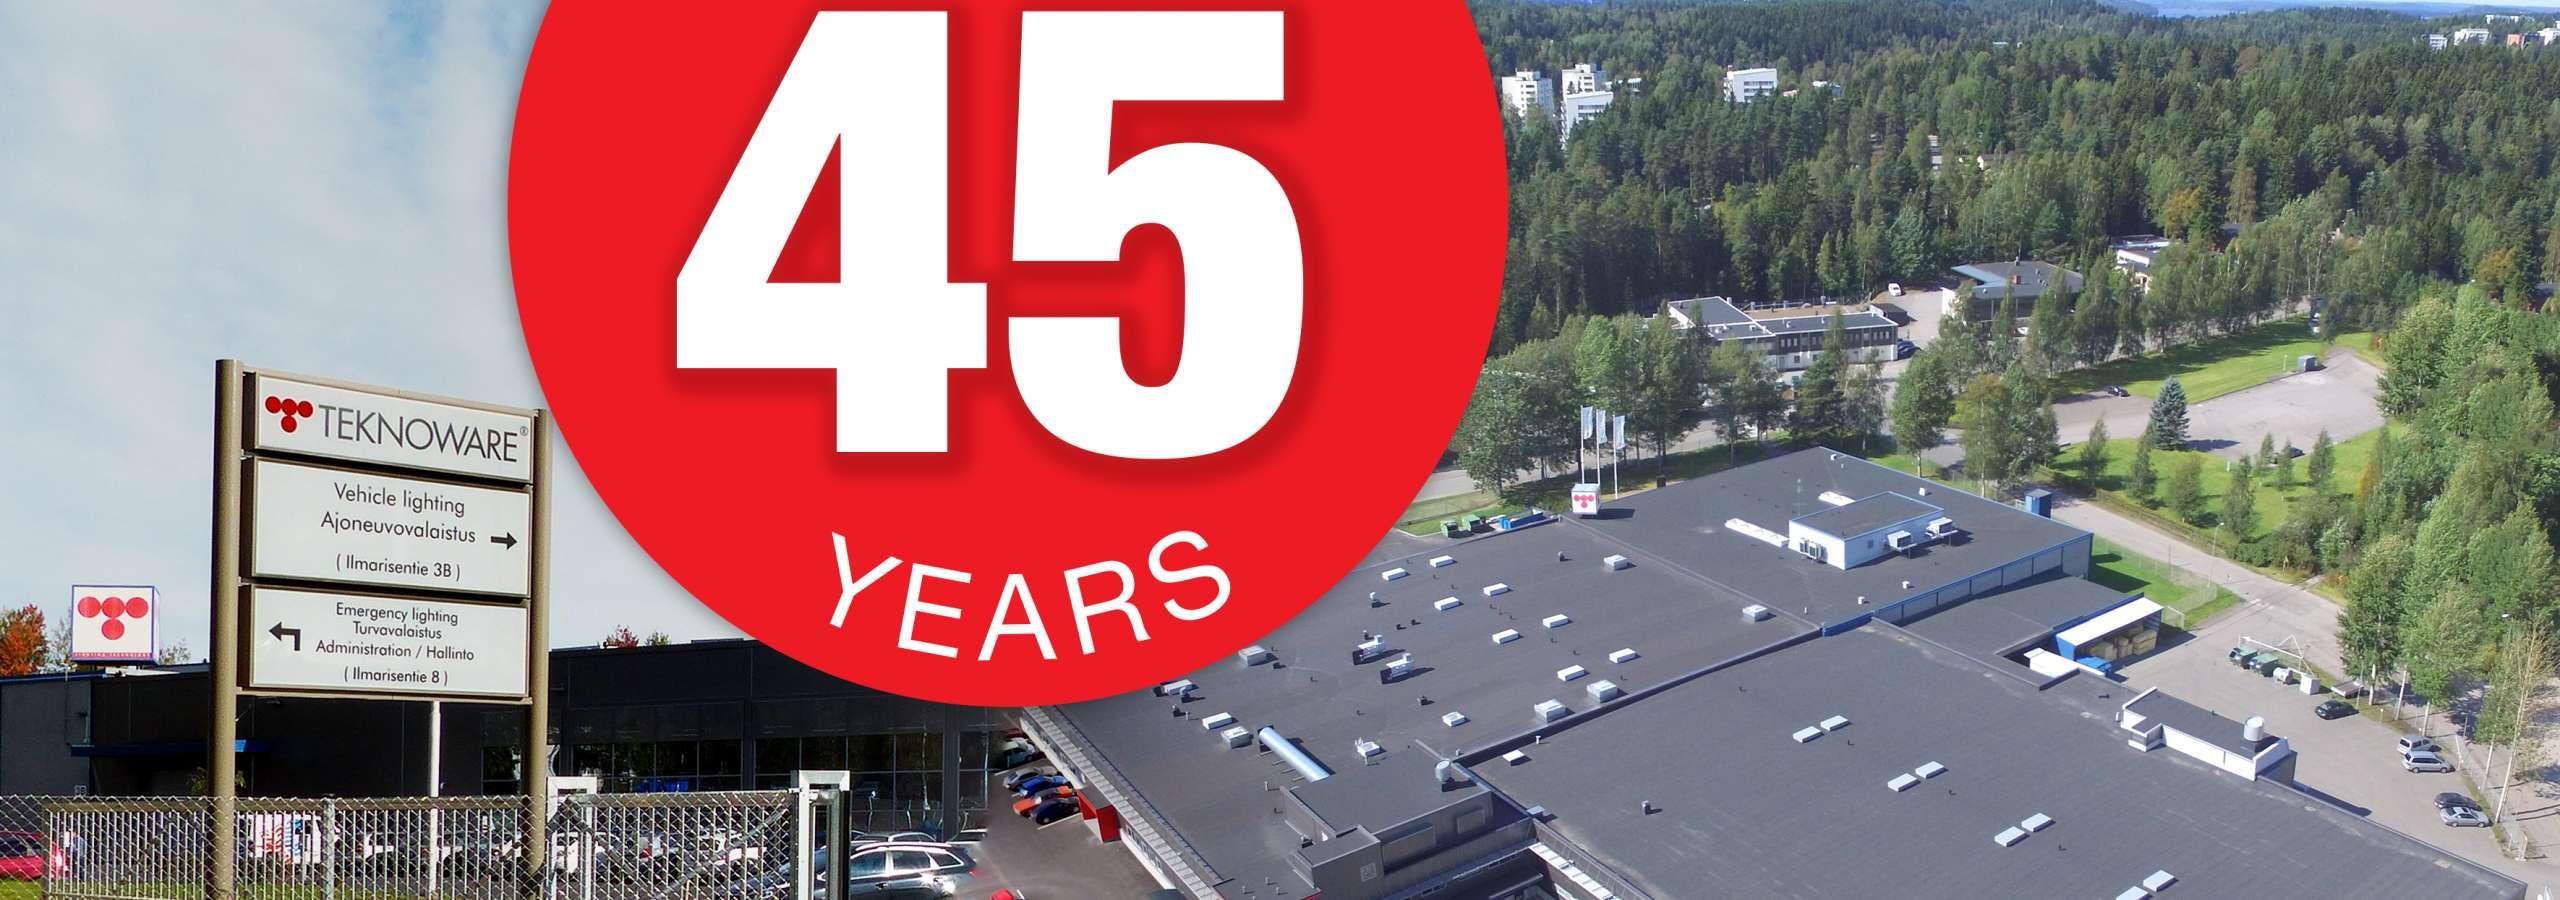 Teknoware 45 vuotta